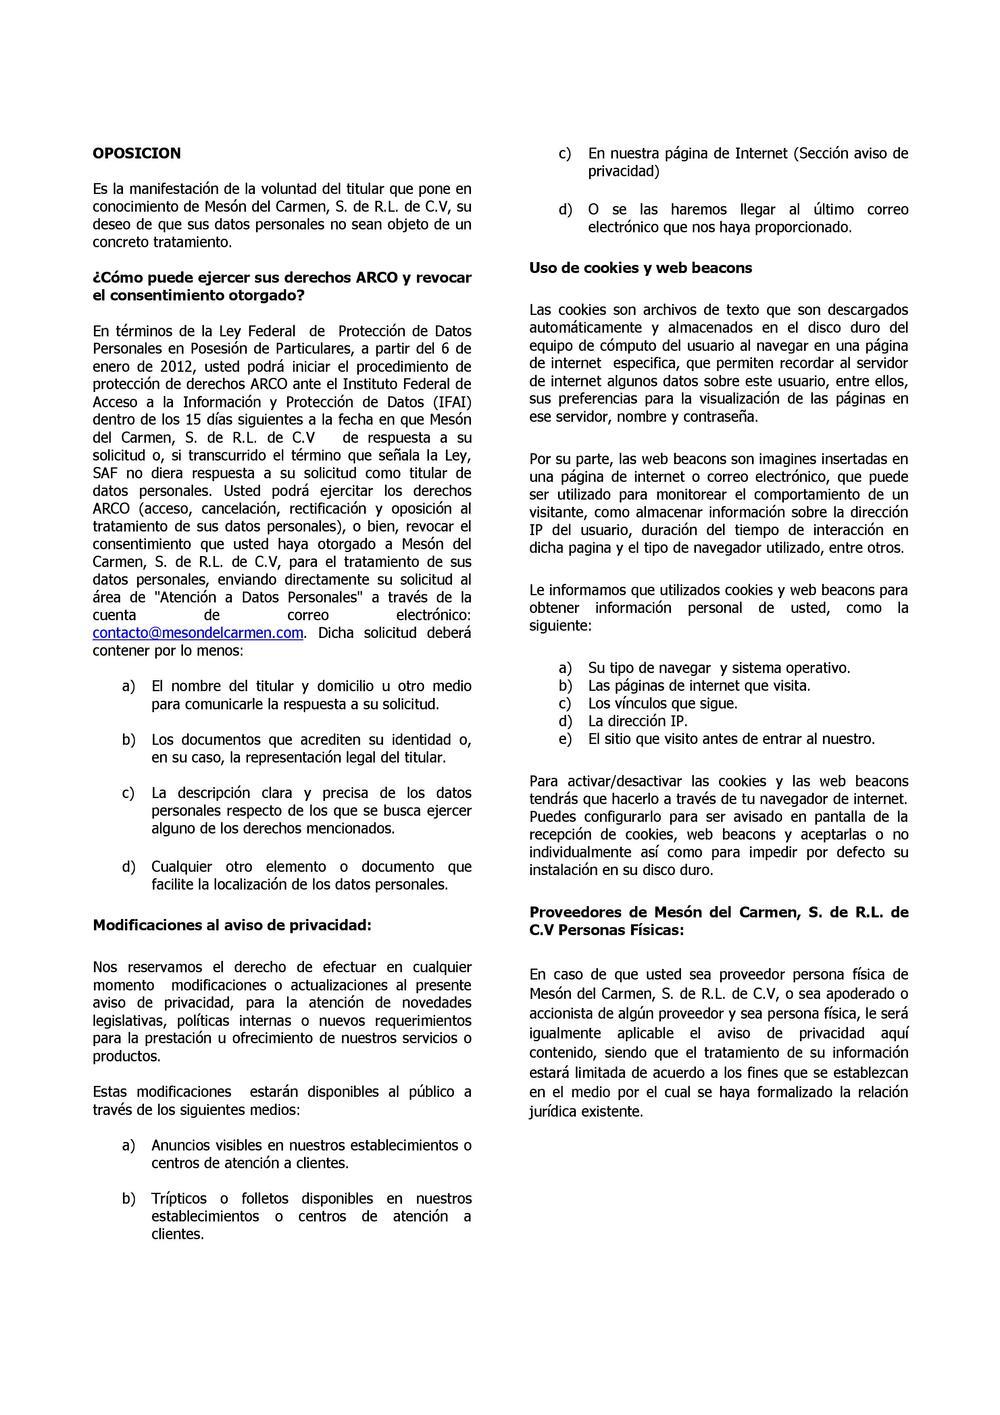 AVISO_DE_PRIVACIDAD03.jpg